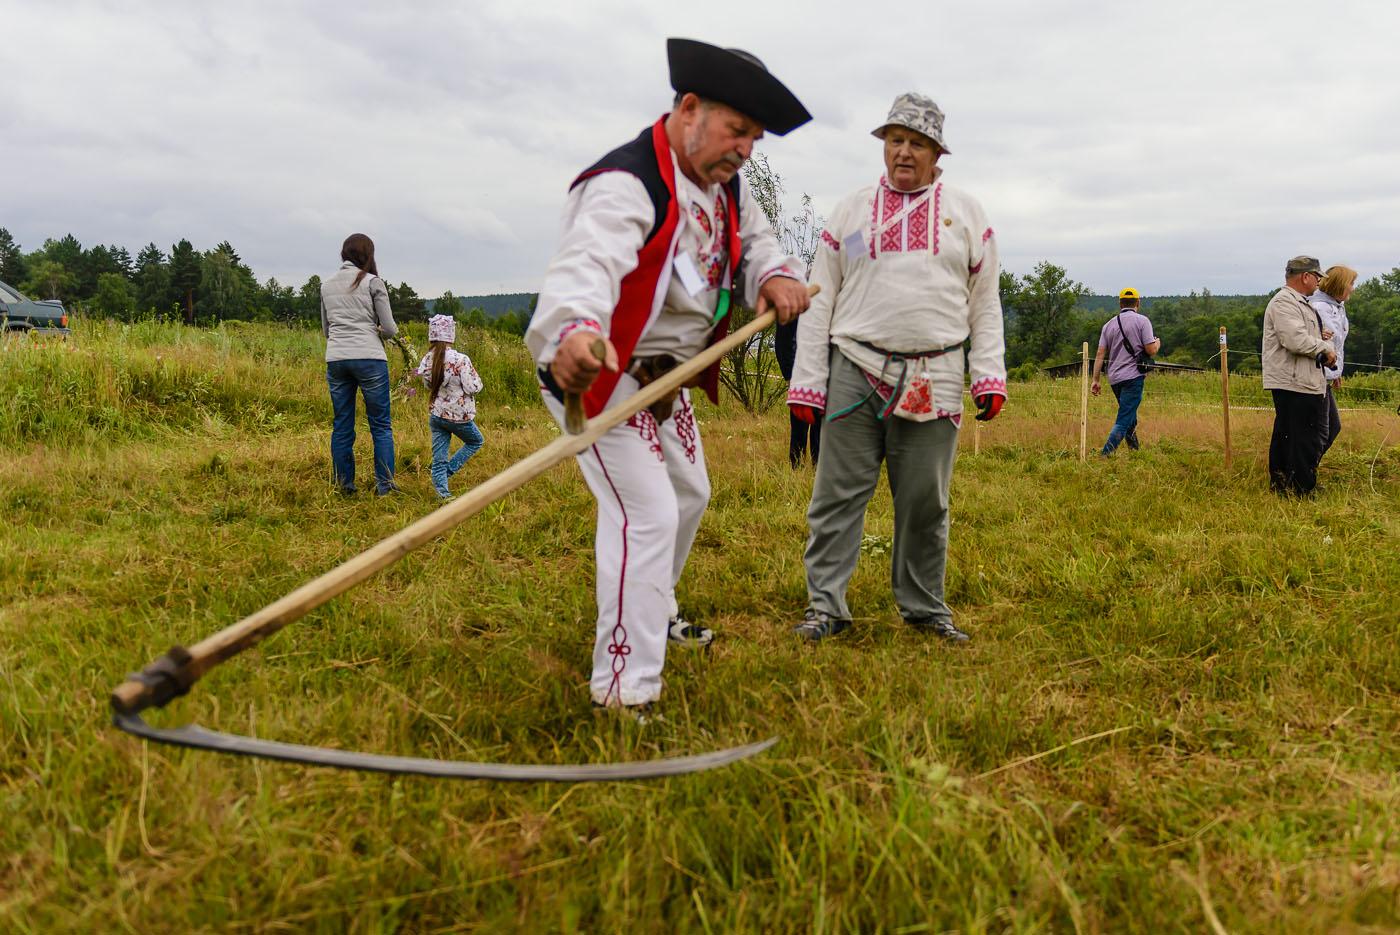 Фото 28. Косарь из Словакии на турнире в Артях показывает особенности кошения травы в его стране. 1/2000, -0.33, 2.8, 320, 24.